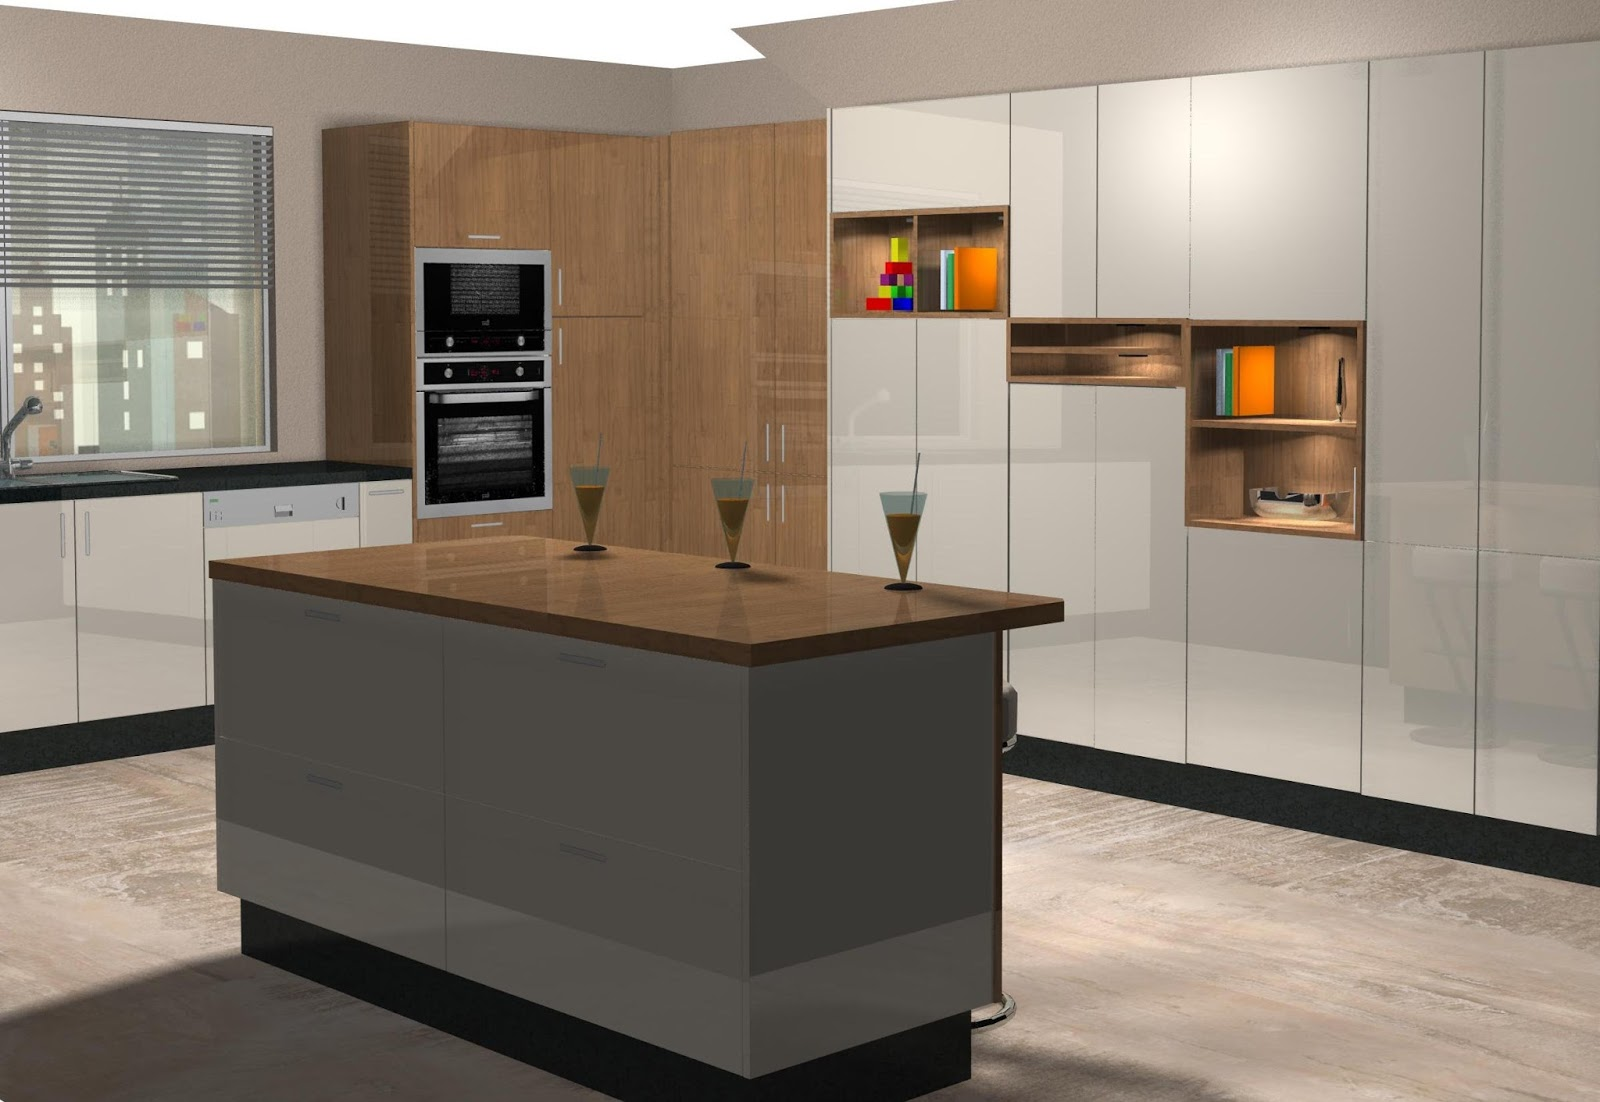 Dise o muebles de cocina dise o de cocina laminado en for Gabinetes de cocina modernos 2016